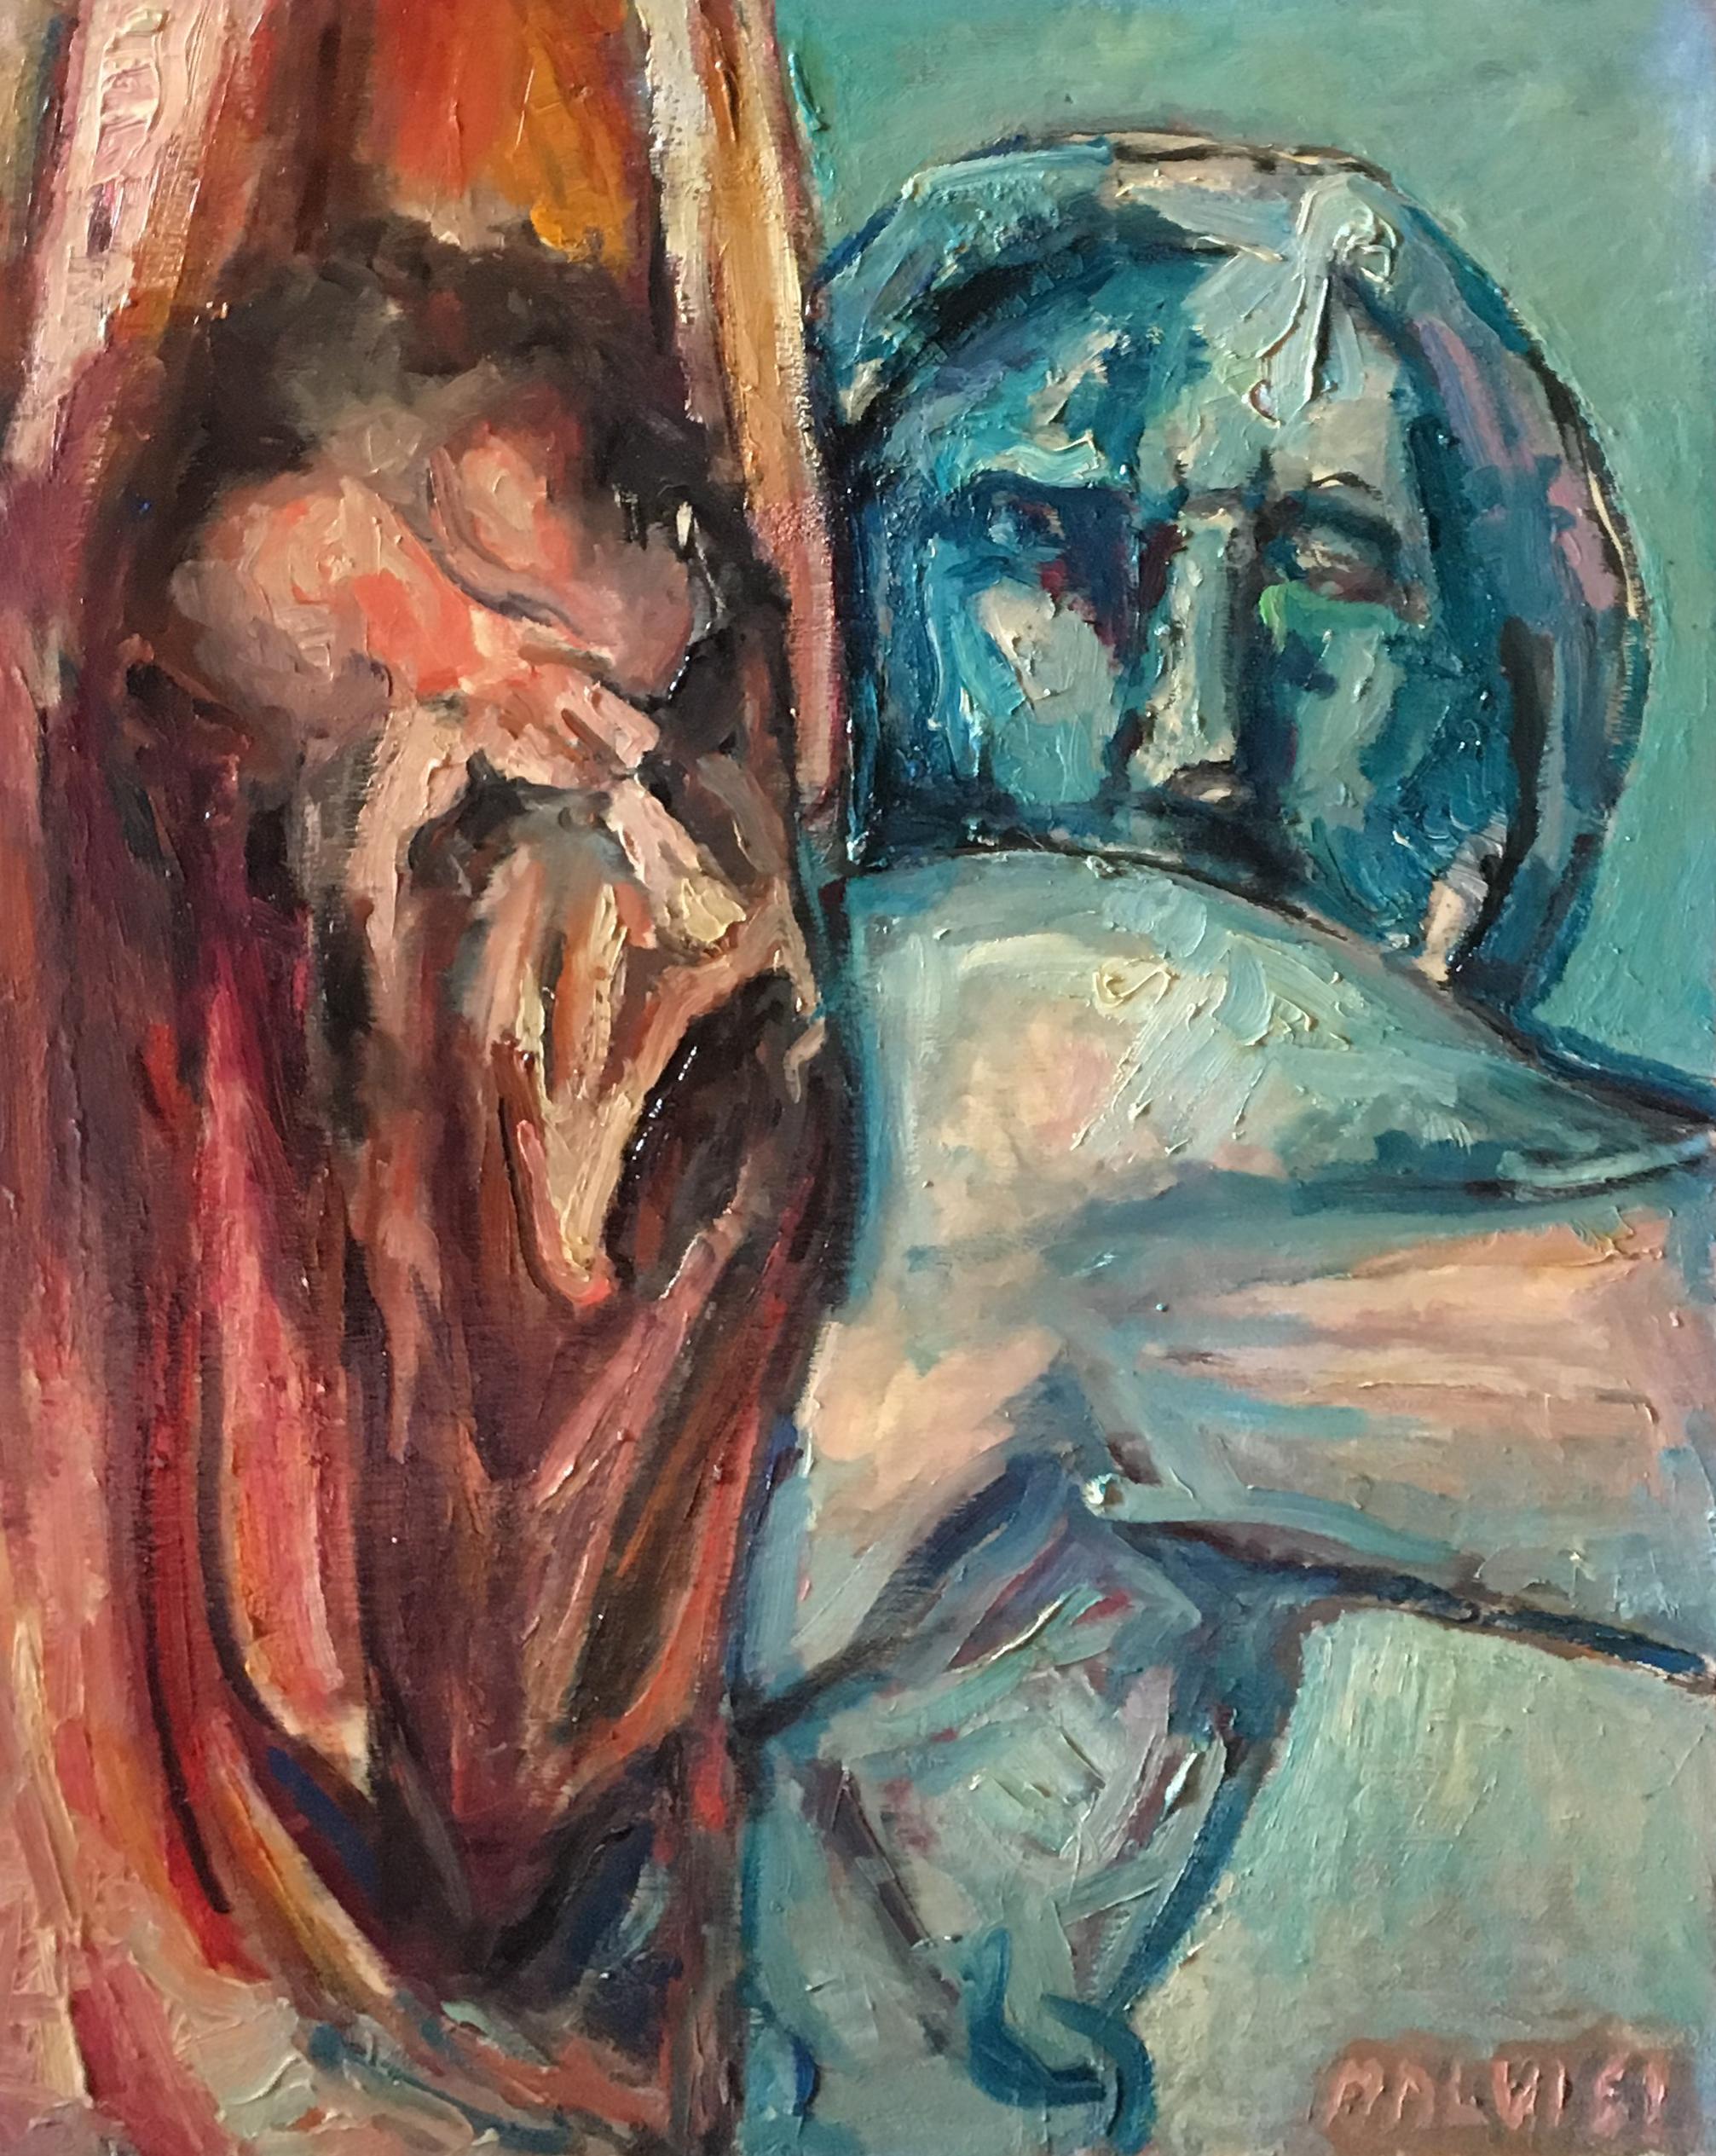 <b>Michelangelo</b><br> 2001 Oil on wood <br> cm 50 x 70